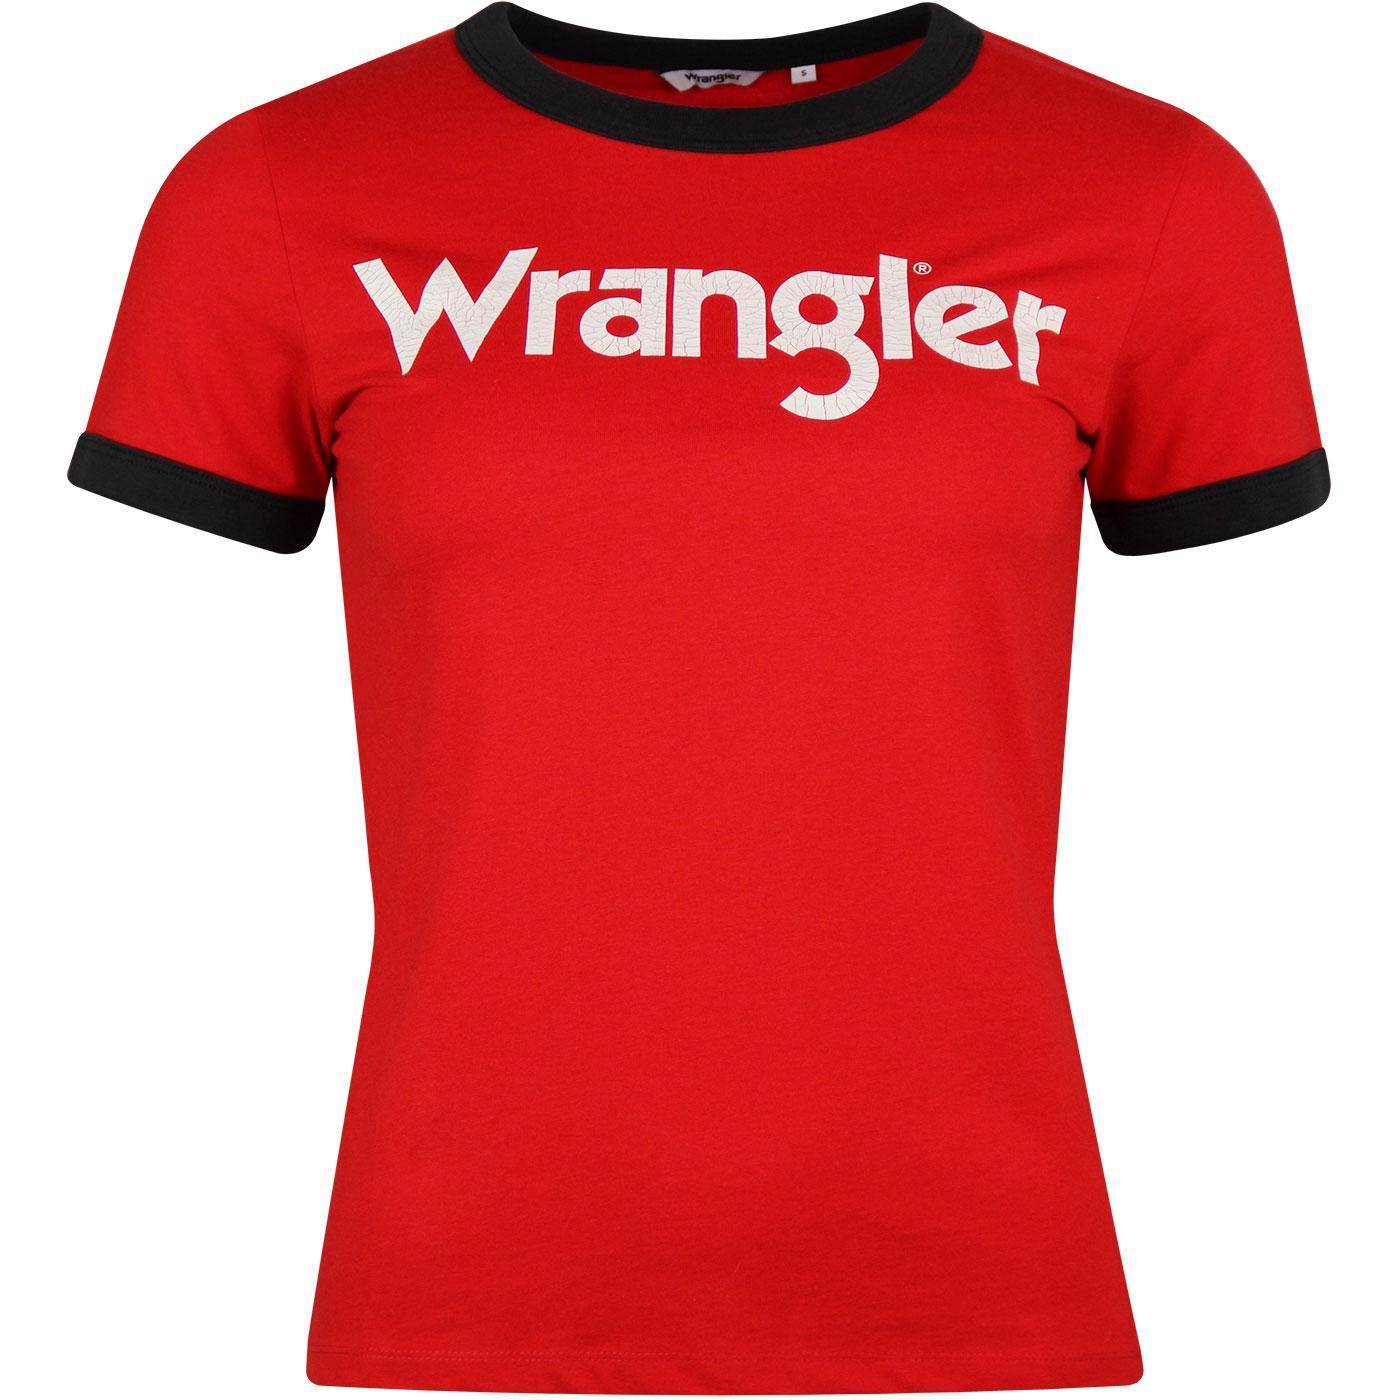 WRANGLER Women's Retro 70s Logo Ringer T-shirt RED